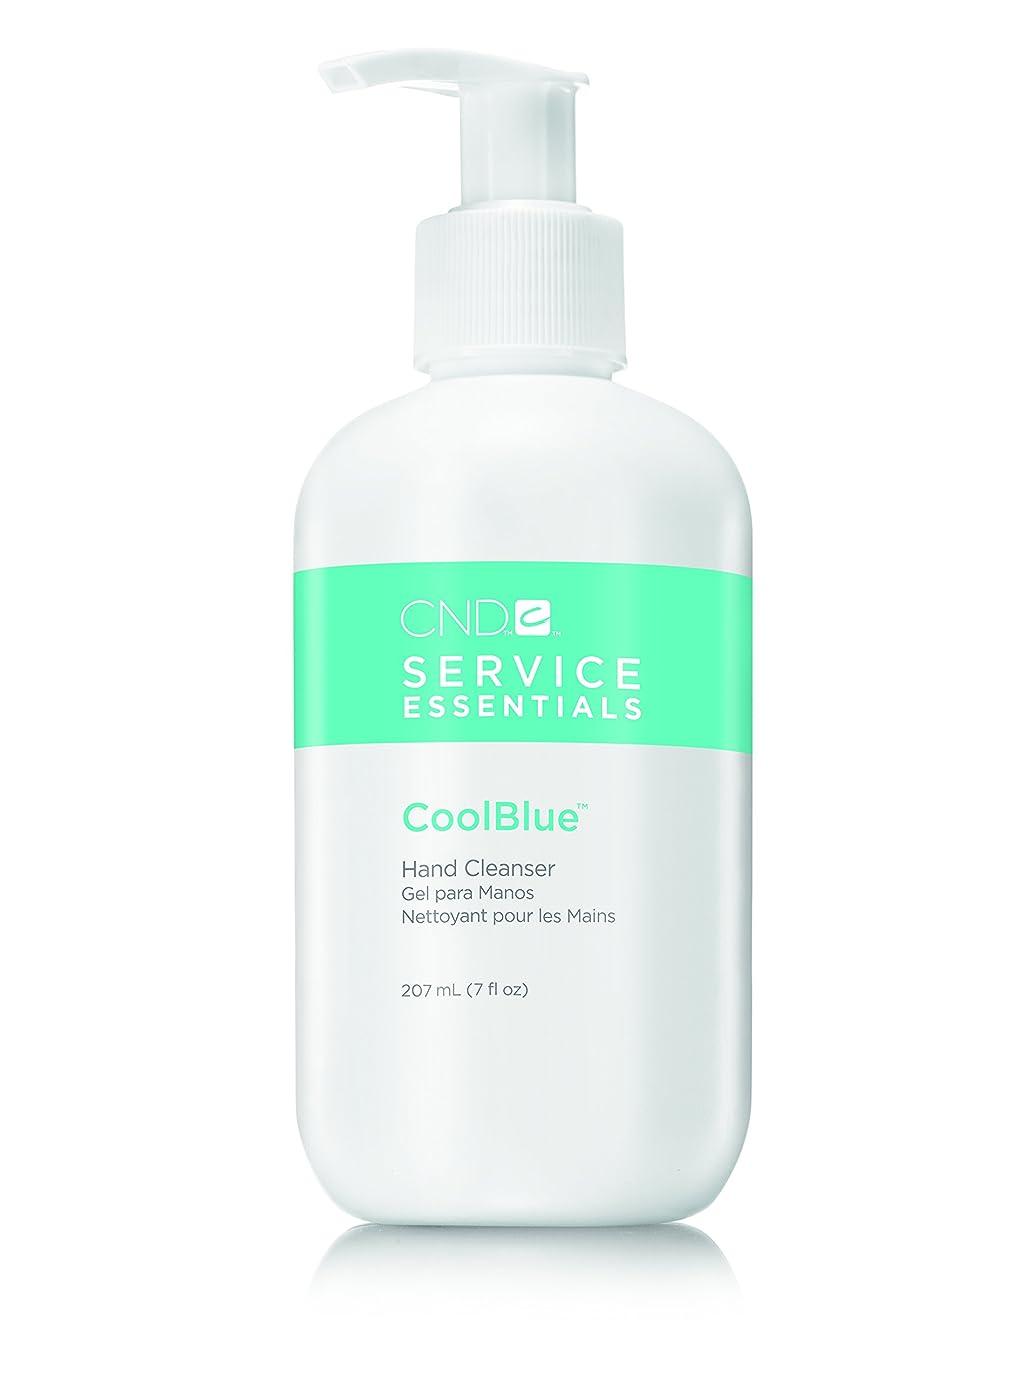 金額レッドデート素晴らしきCND Prep - CoolBlue - 7oz